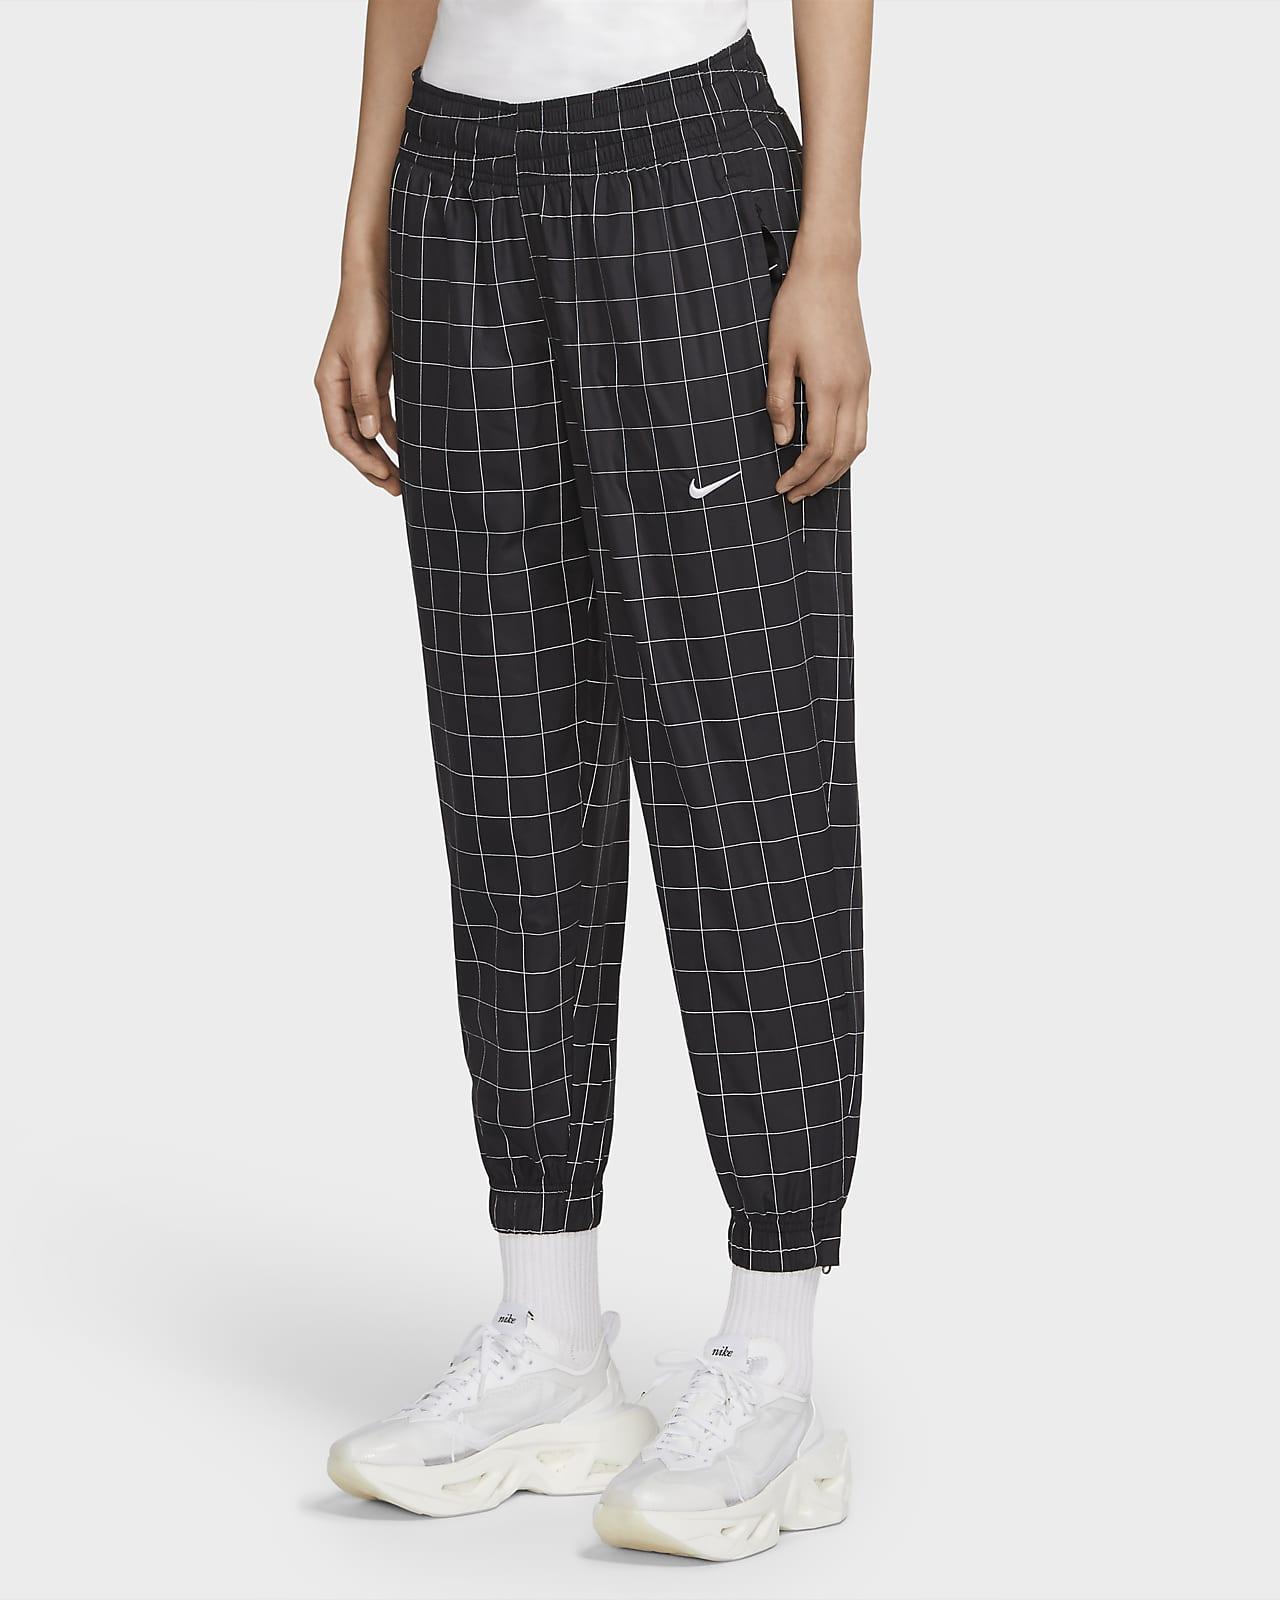 Pantalones de entrenamiento Flash para mujer NikeLab